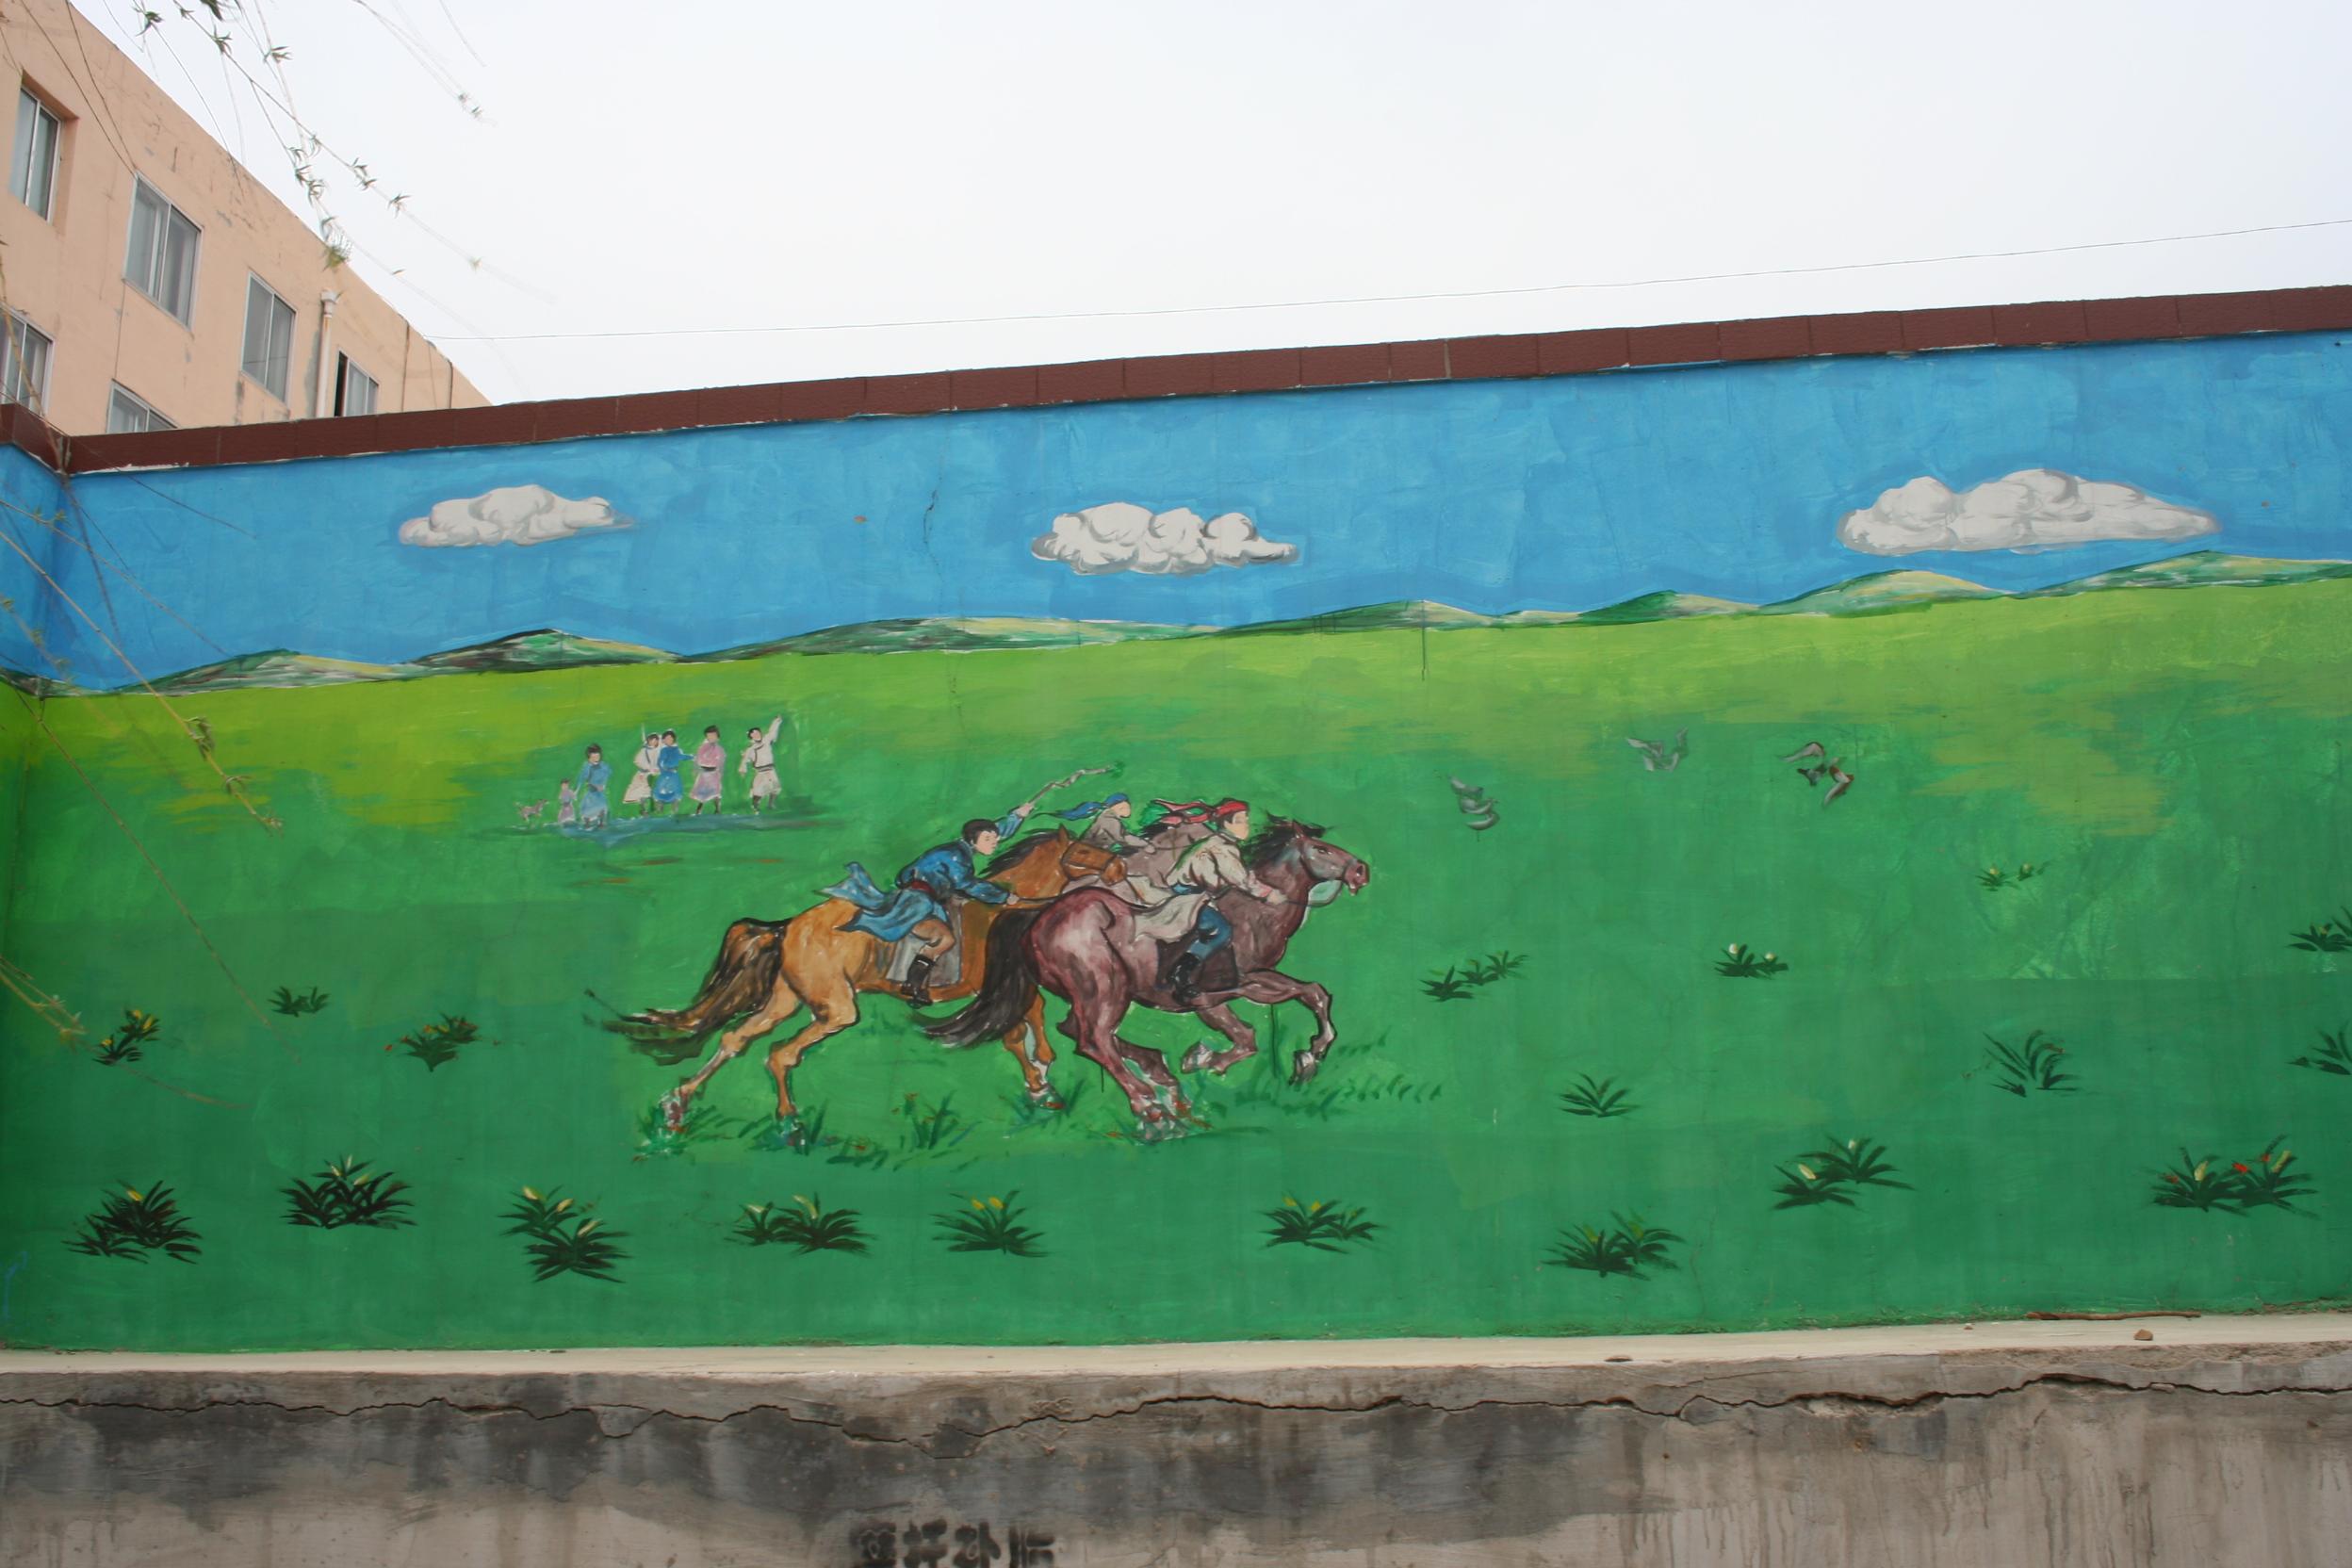 蒙古生活草原情景墙绘(可参考 ) 第2张